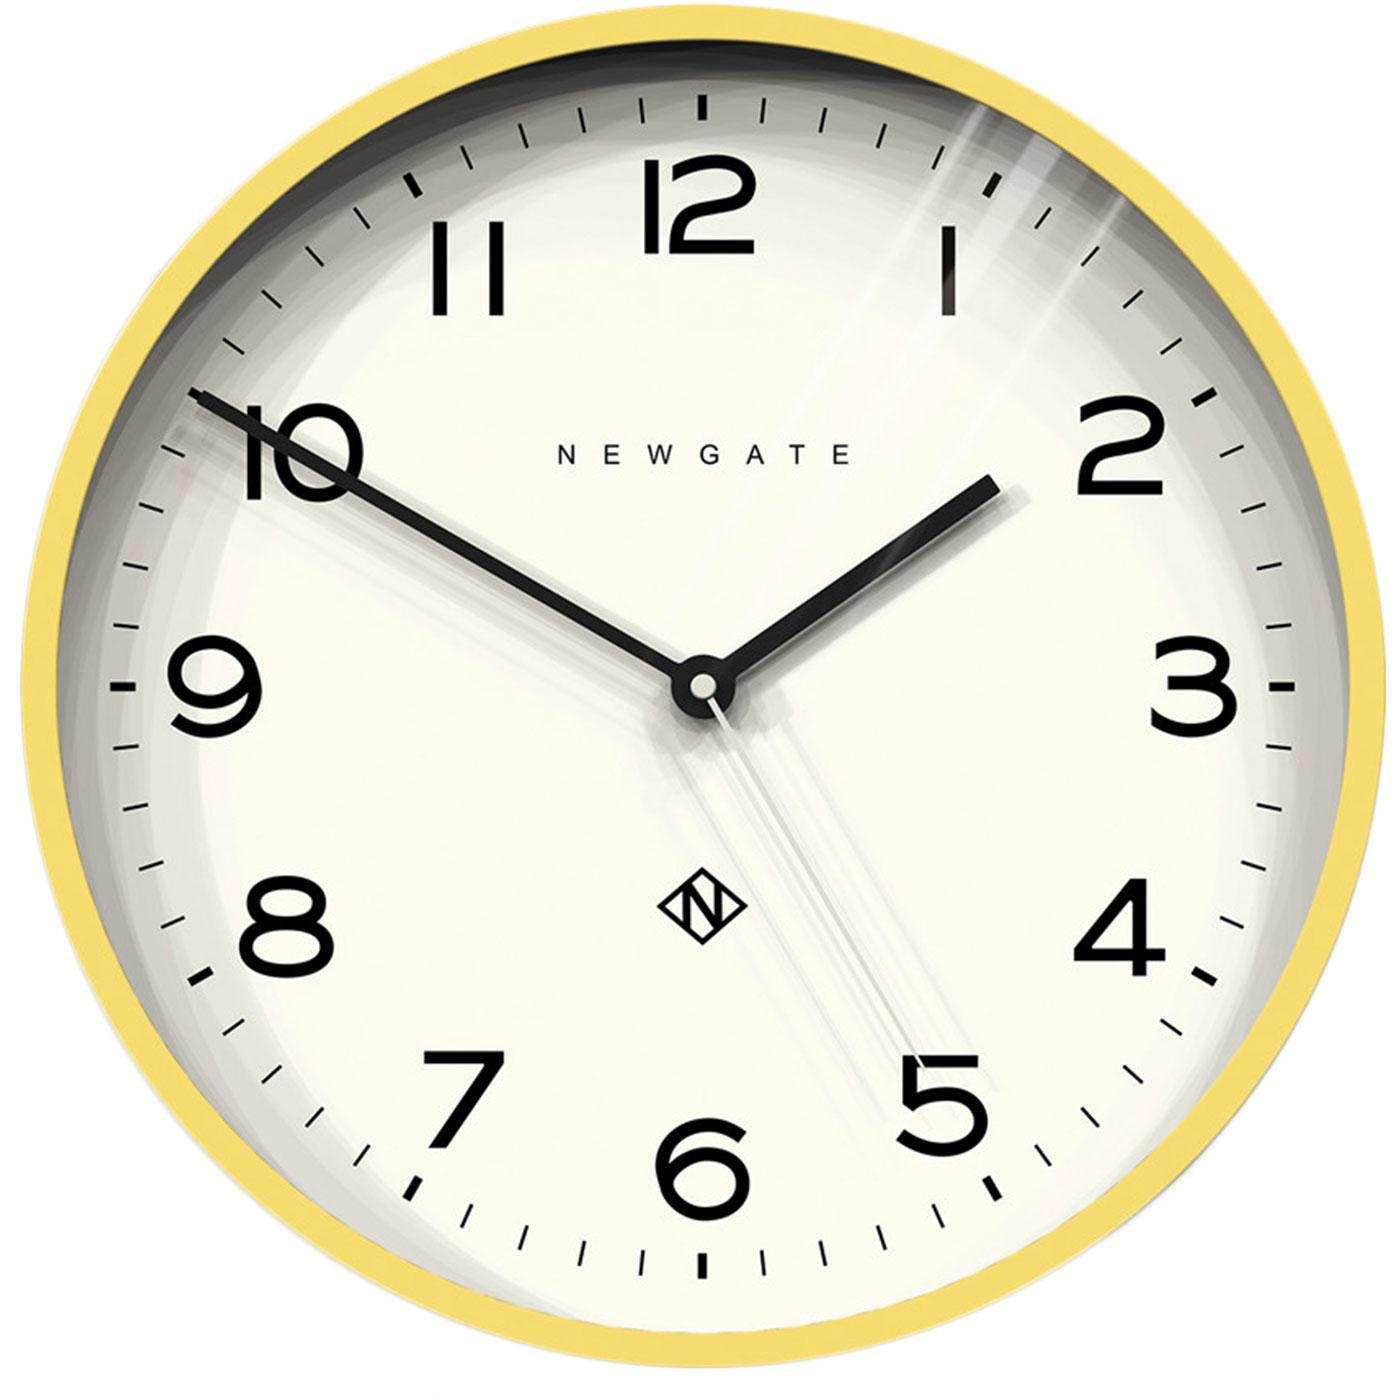 Echo Number Three NEWGATE CLOCKS Retro Clock Y